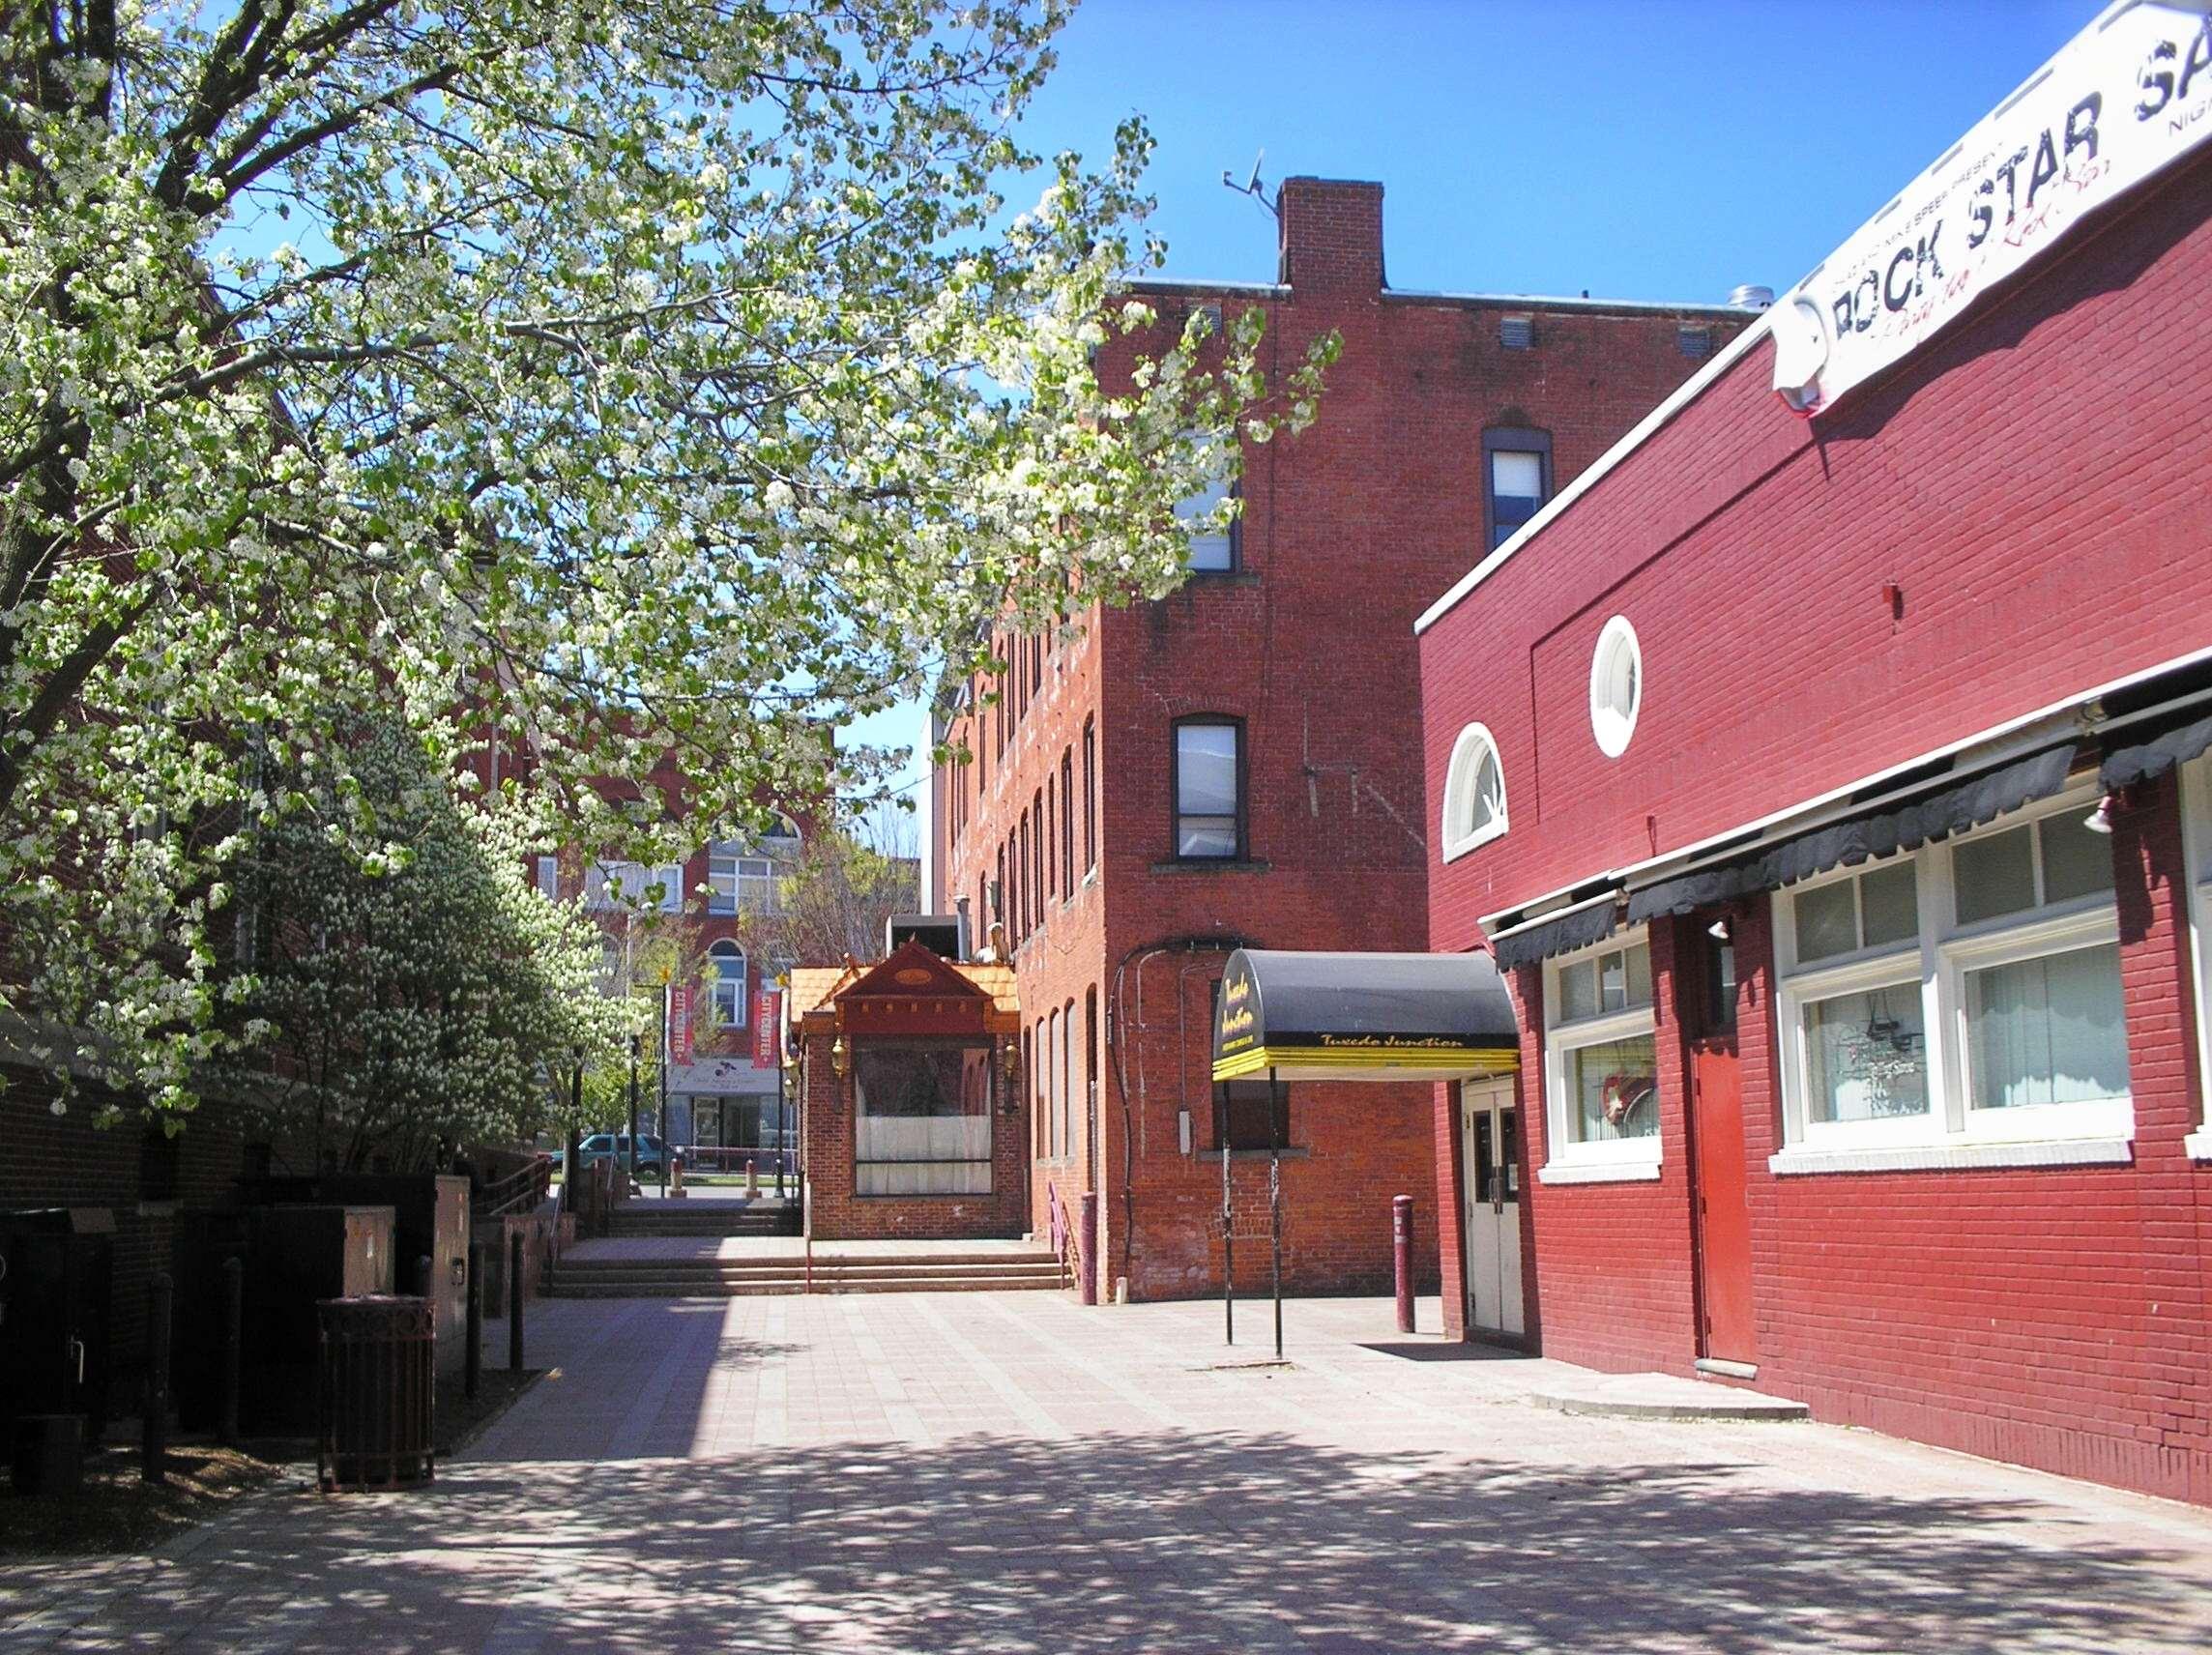 Hilton Garden Inn Danbury image 45